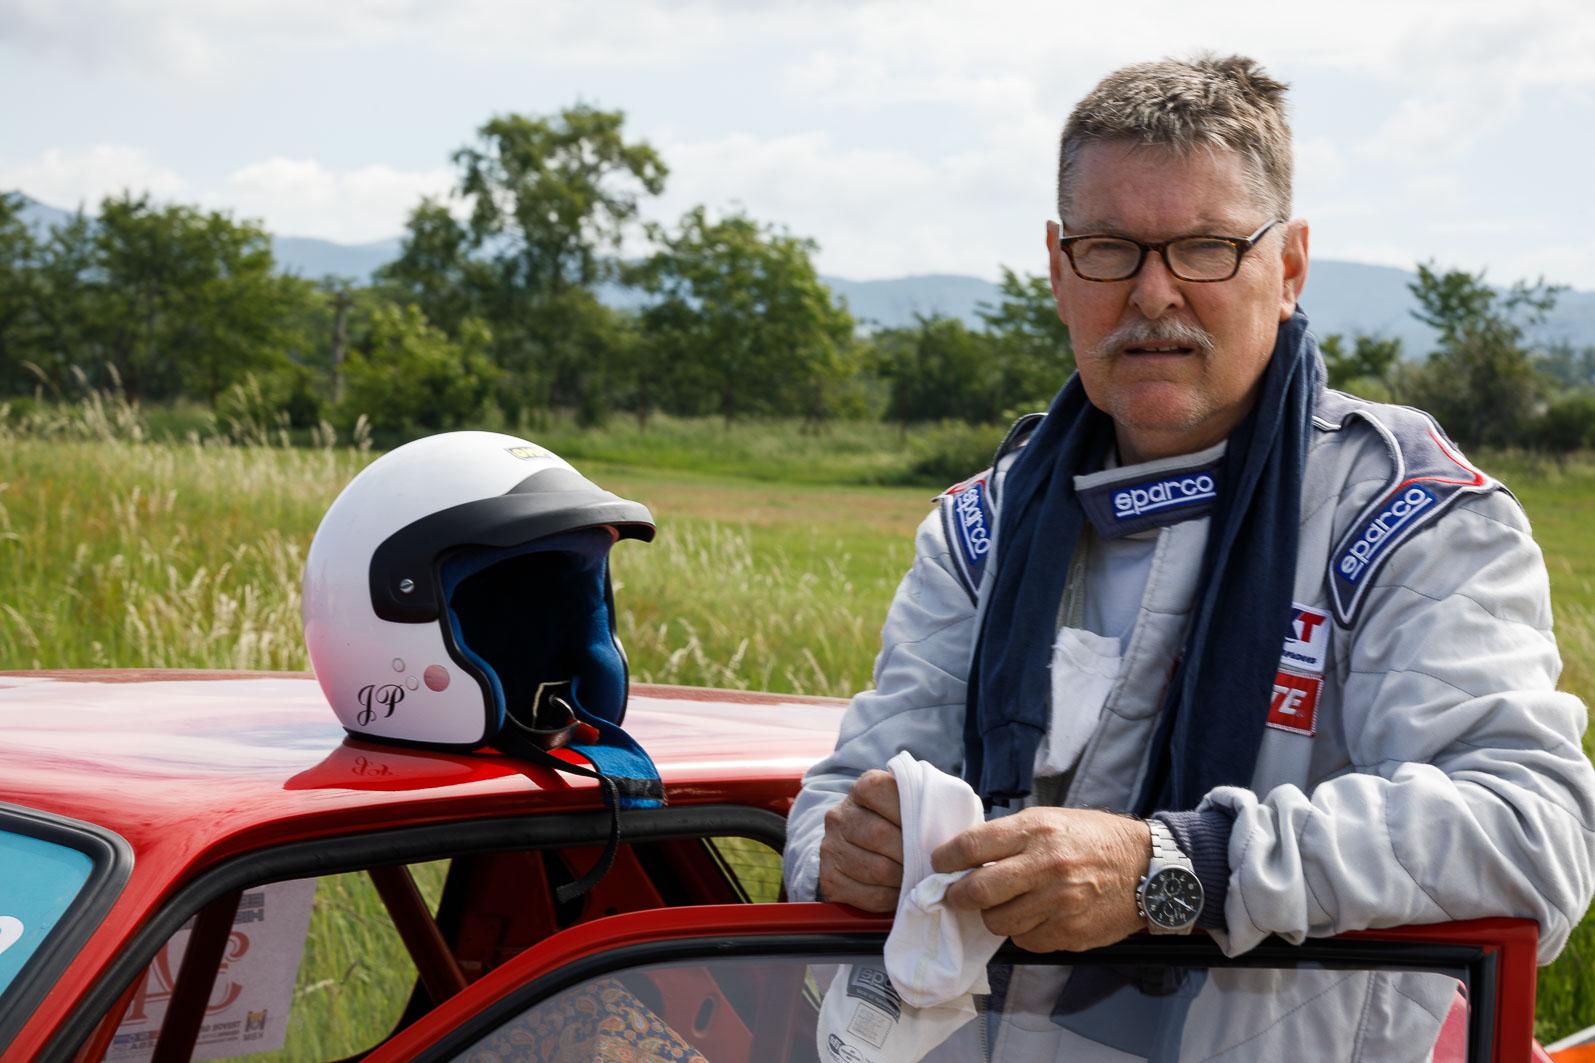 Sezóna pretekárskych veteránov začala OmcPcUt8hb piestany-5282